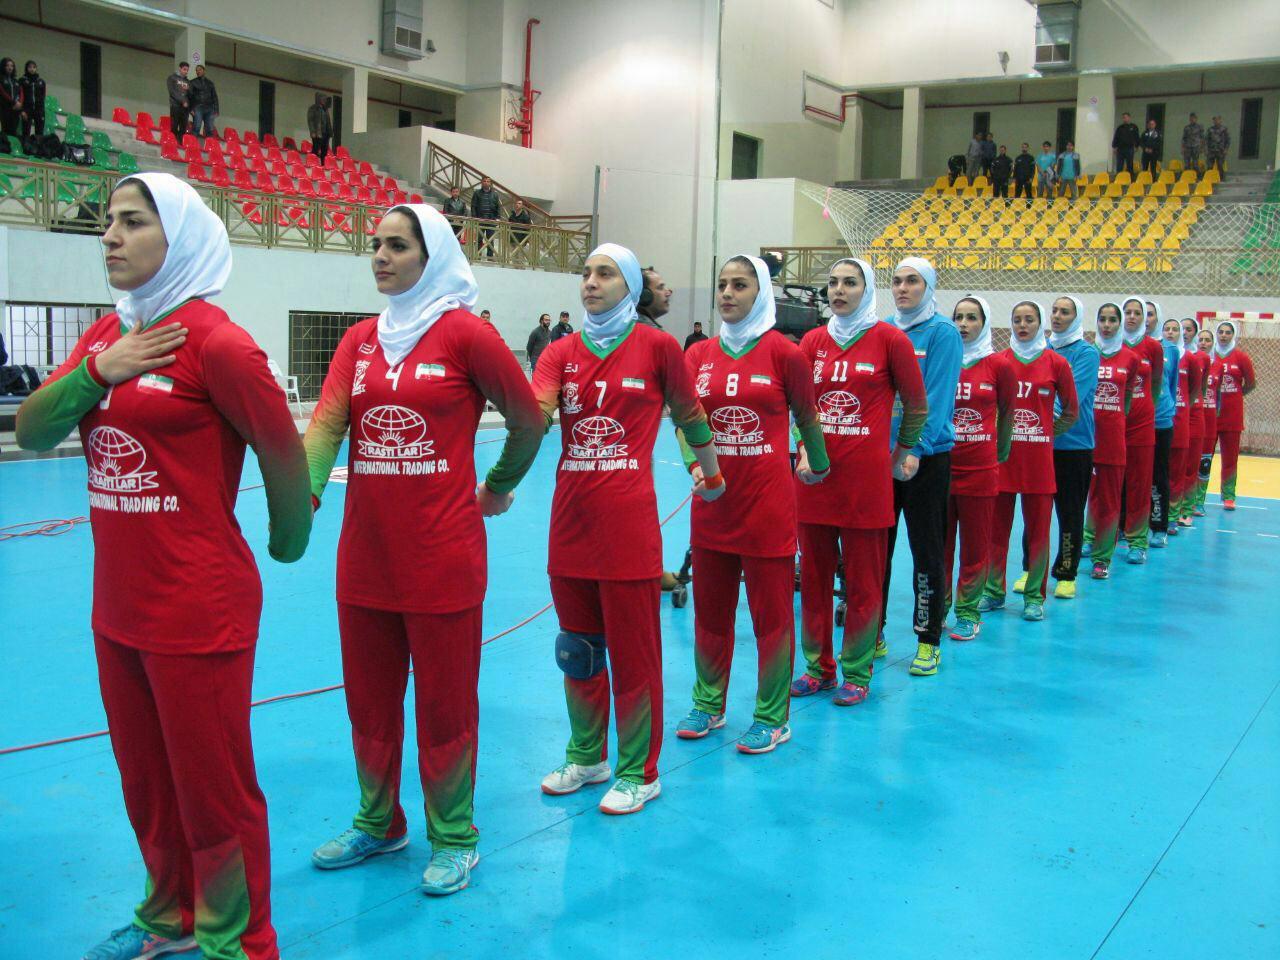 تیم لارستان فارس در آستانه قهرمانی هندبال غرب آسیا